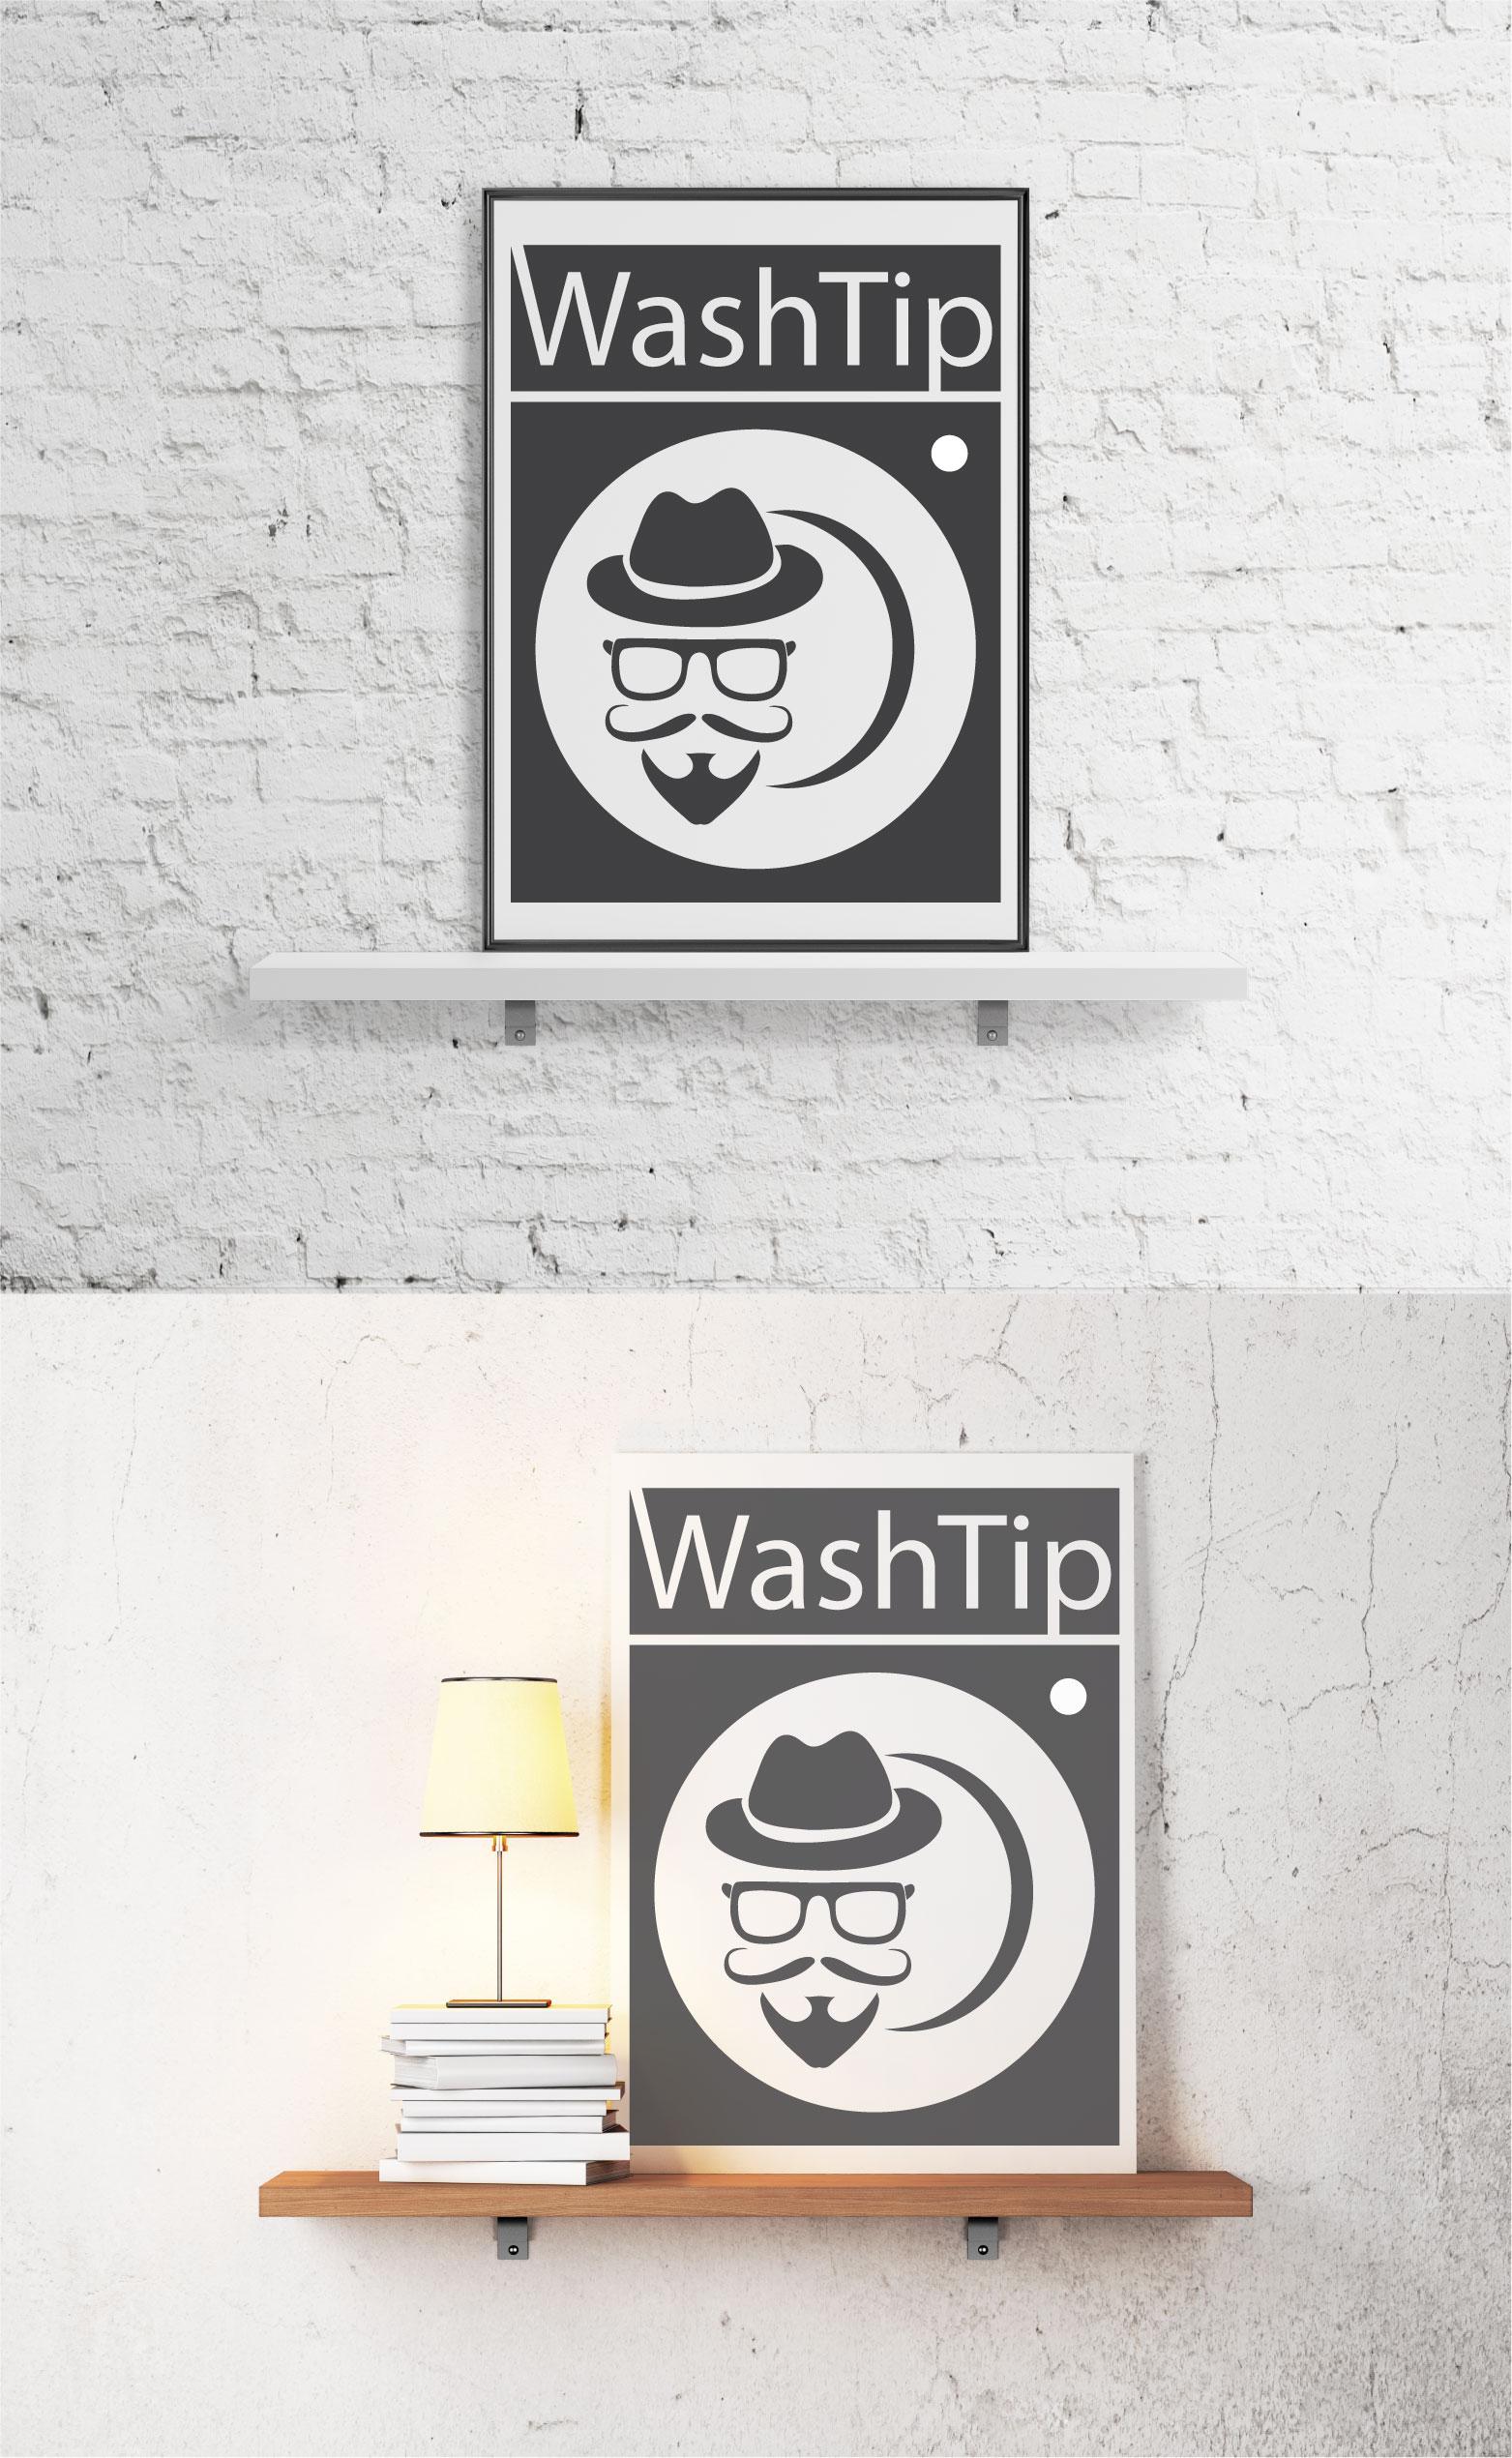 Разработка логотипа для онлайн-сервиса химчистки фото f_0395c0ea136b2f56.jpg